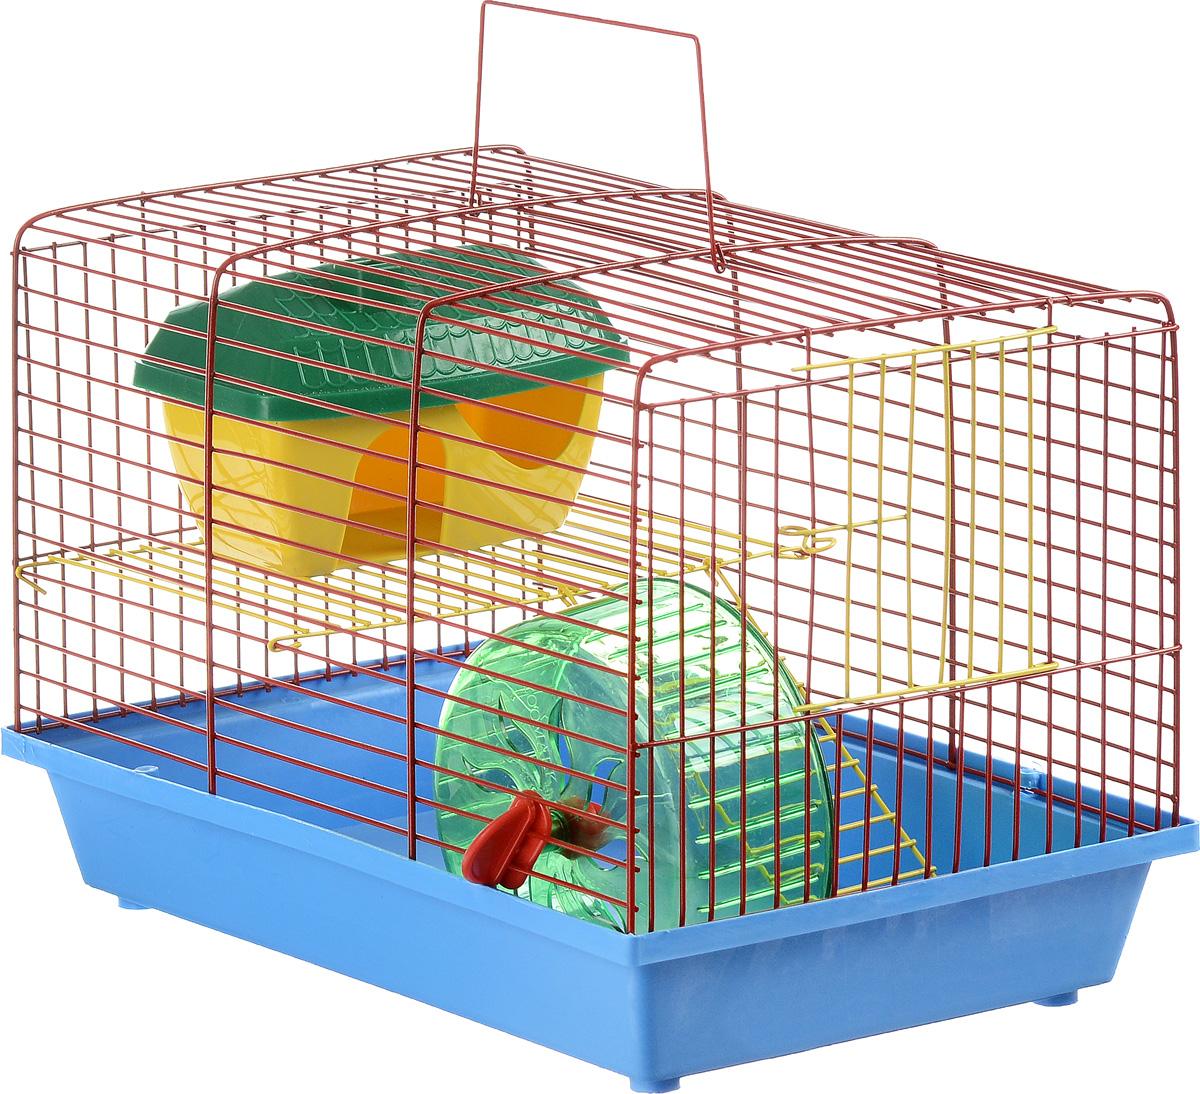 Клетка для грызунов ЗооМарк, 2-этажная, цвет: голубой поддон, красная решетка, желтый этаж, 36 х 22 х 24 см125_голубой, красный, желтыйКлетка ЗооМарк, выполненная из полипропилена и металла, подходит для мелких грызунов. Изделие двухэтажное, оборудовано колесом для подвижных игр и пластиковым домиком. Клетка имеет яркий поддон, удобна в использовании и легко чистится. Сверху имеется ручка для переноски, а сбоку удобная дверца. Такая клетка станет уединенным личным пространством и уютным домиком для маленького грызуна.